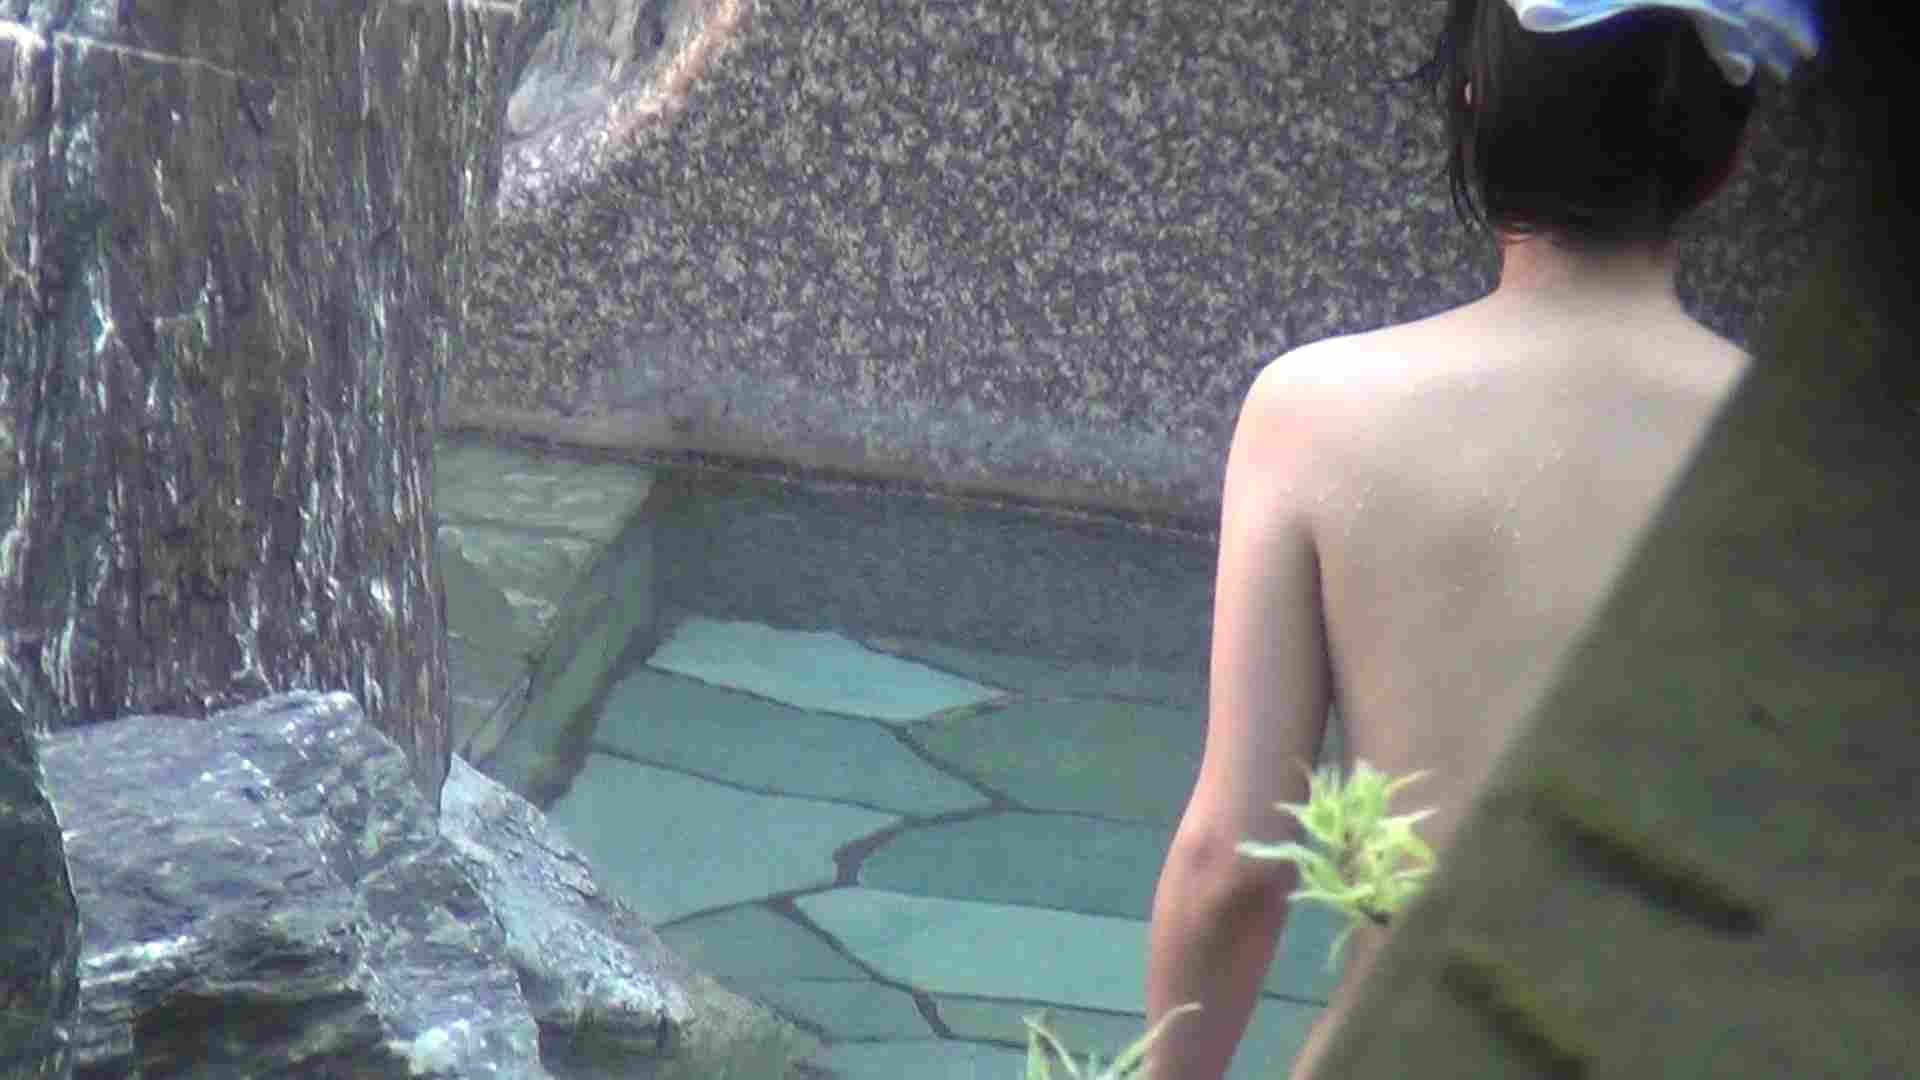 ハイビジョンVol.6 白い素肌にピンクのほっぺ 美女H映像 | 美肌  32画像 18